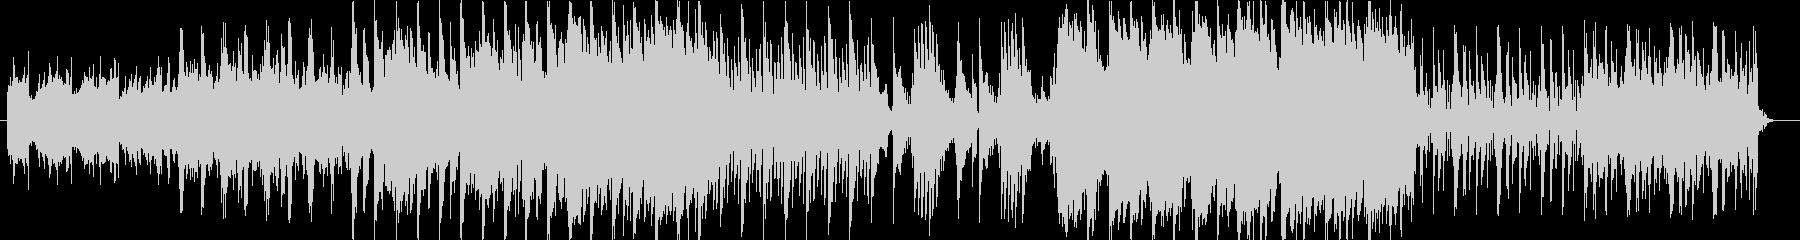 和テイストの幻想的なエレクトロニカの未再生の波形